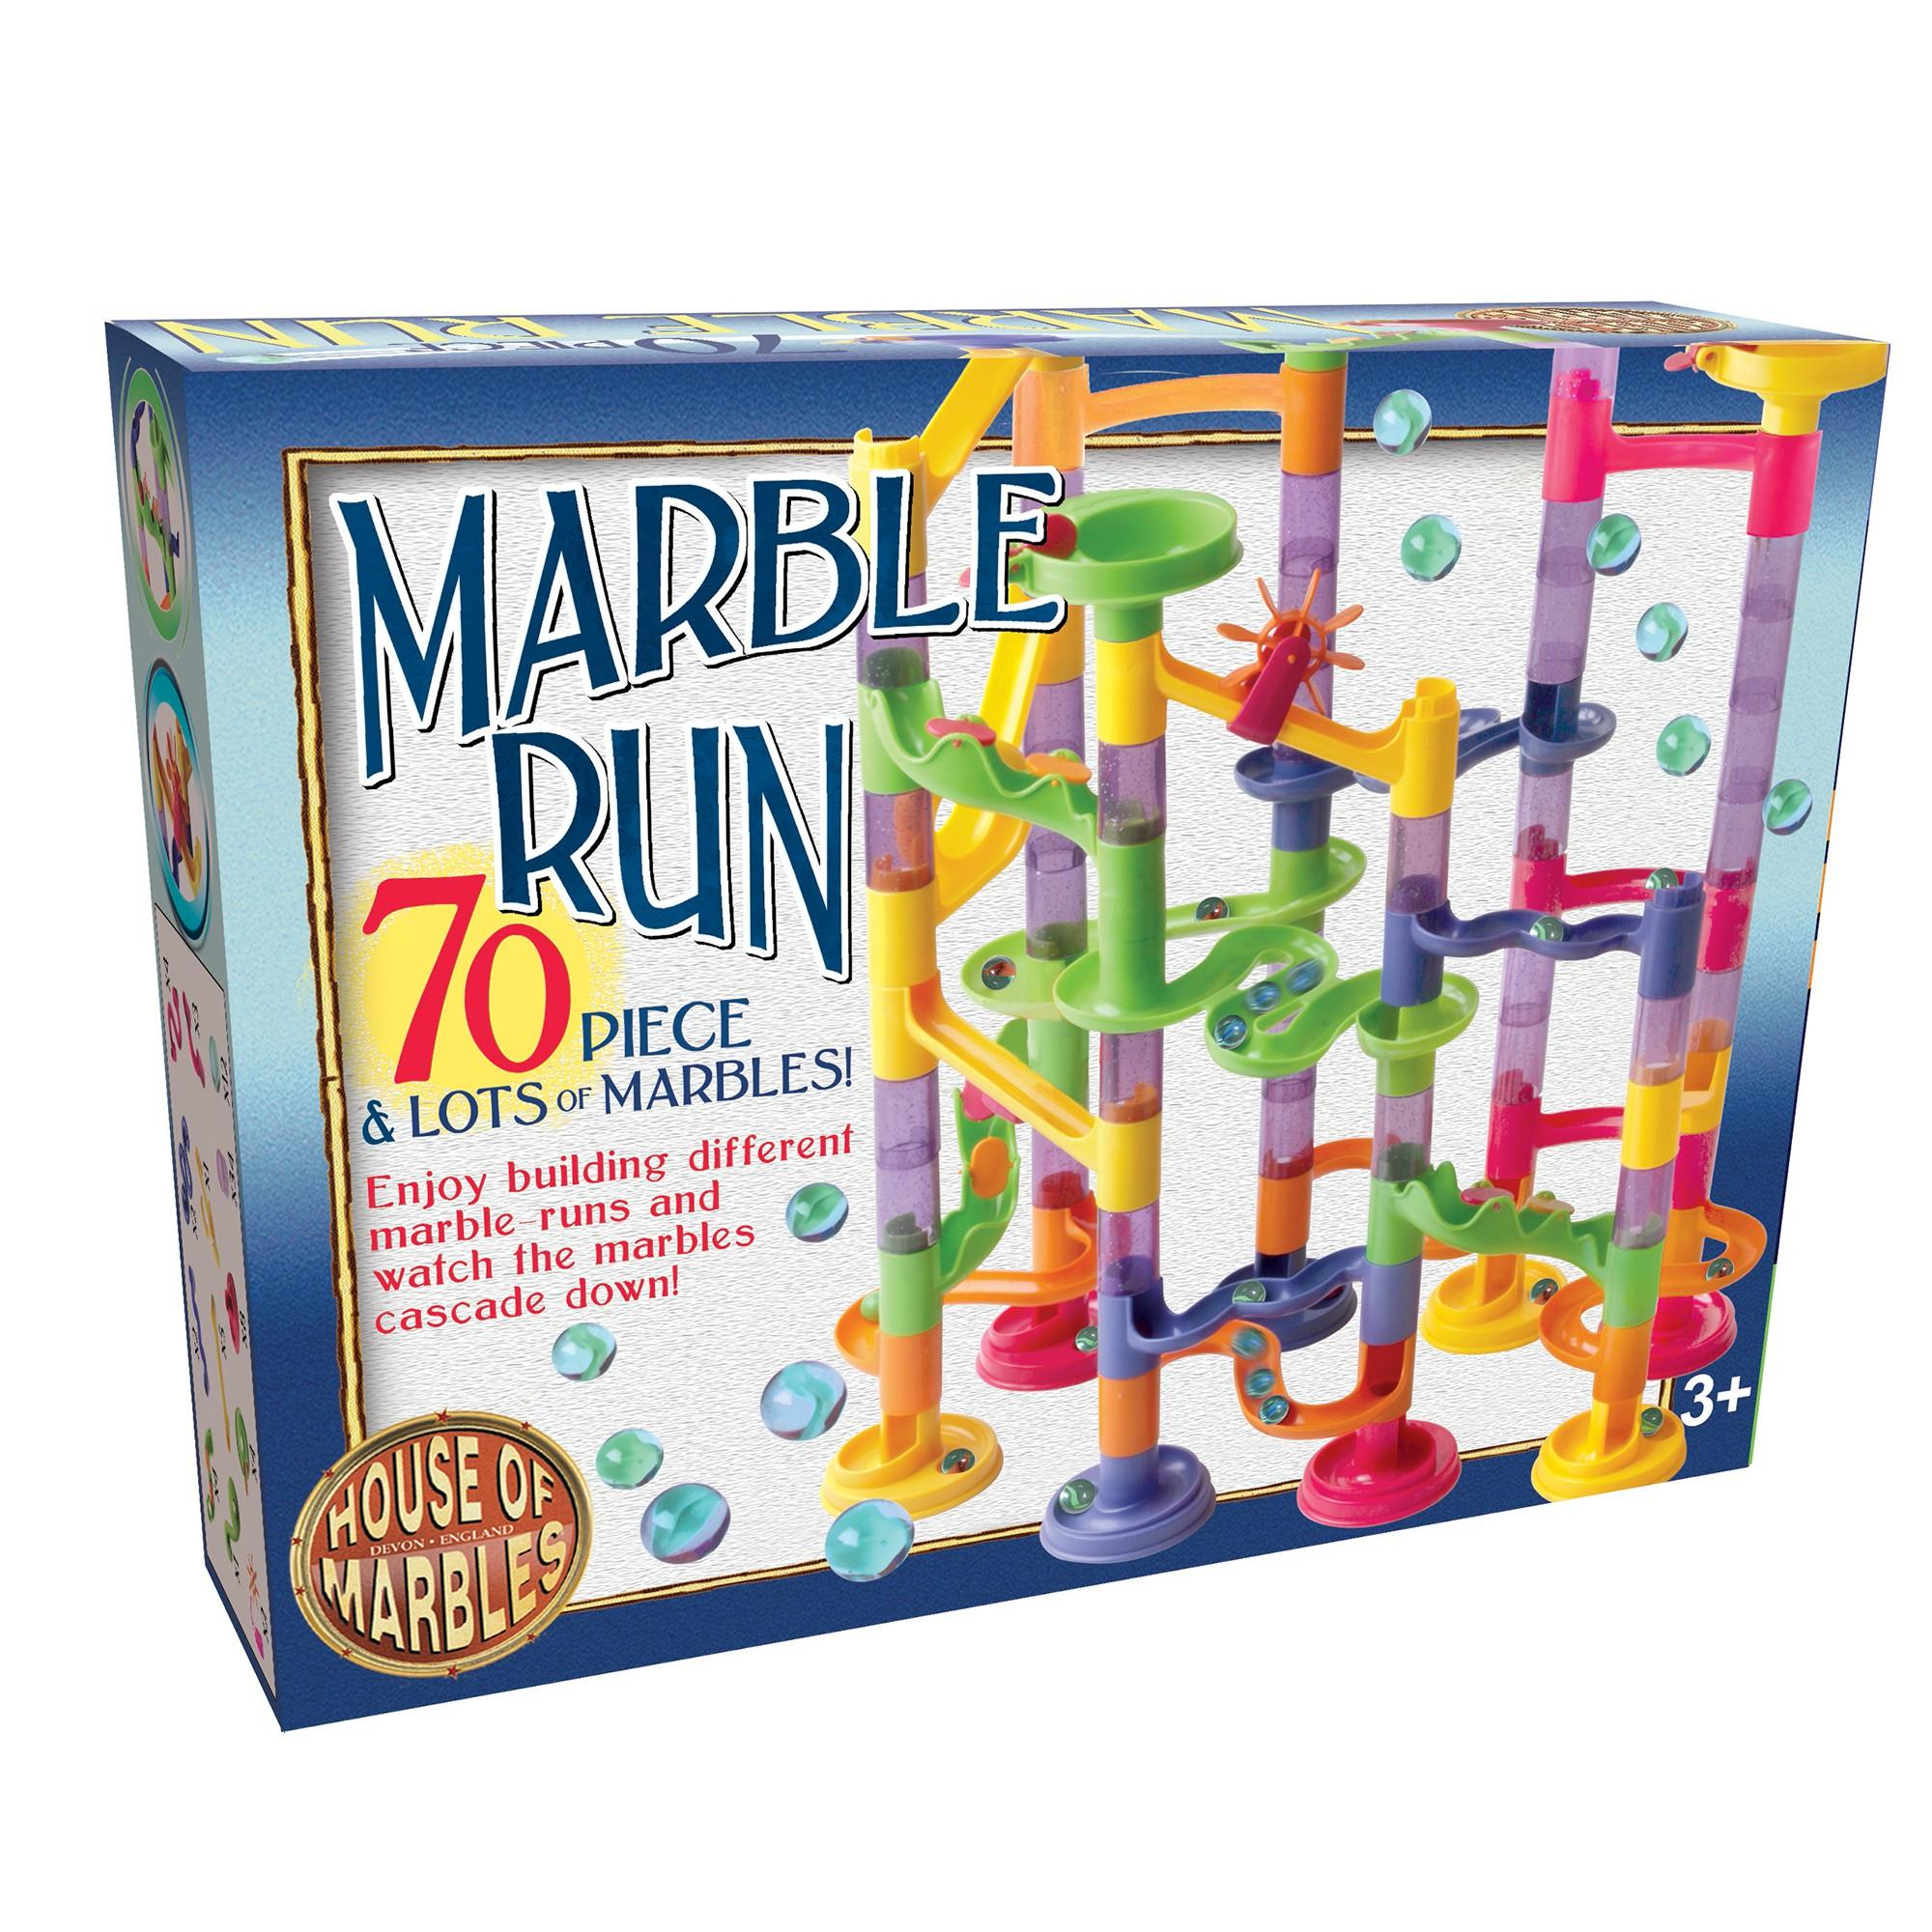 70-Piece Marble Run